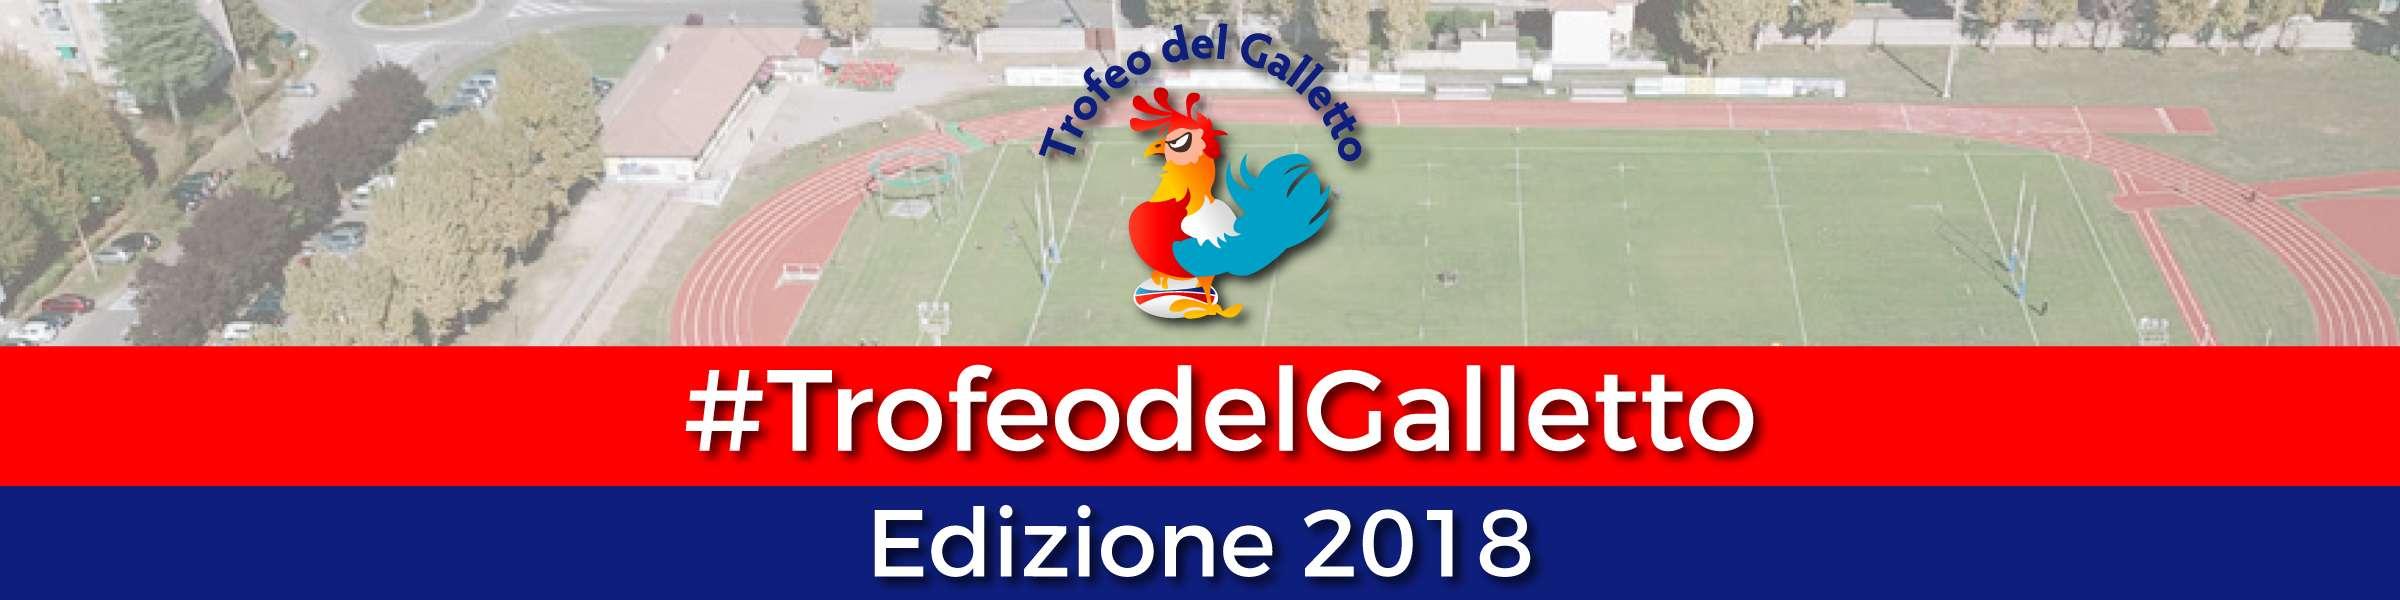 Trofeo del Galletto 2018